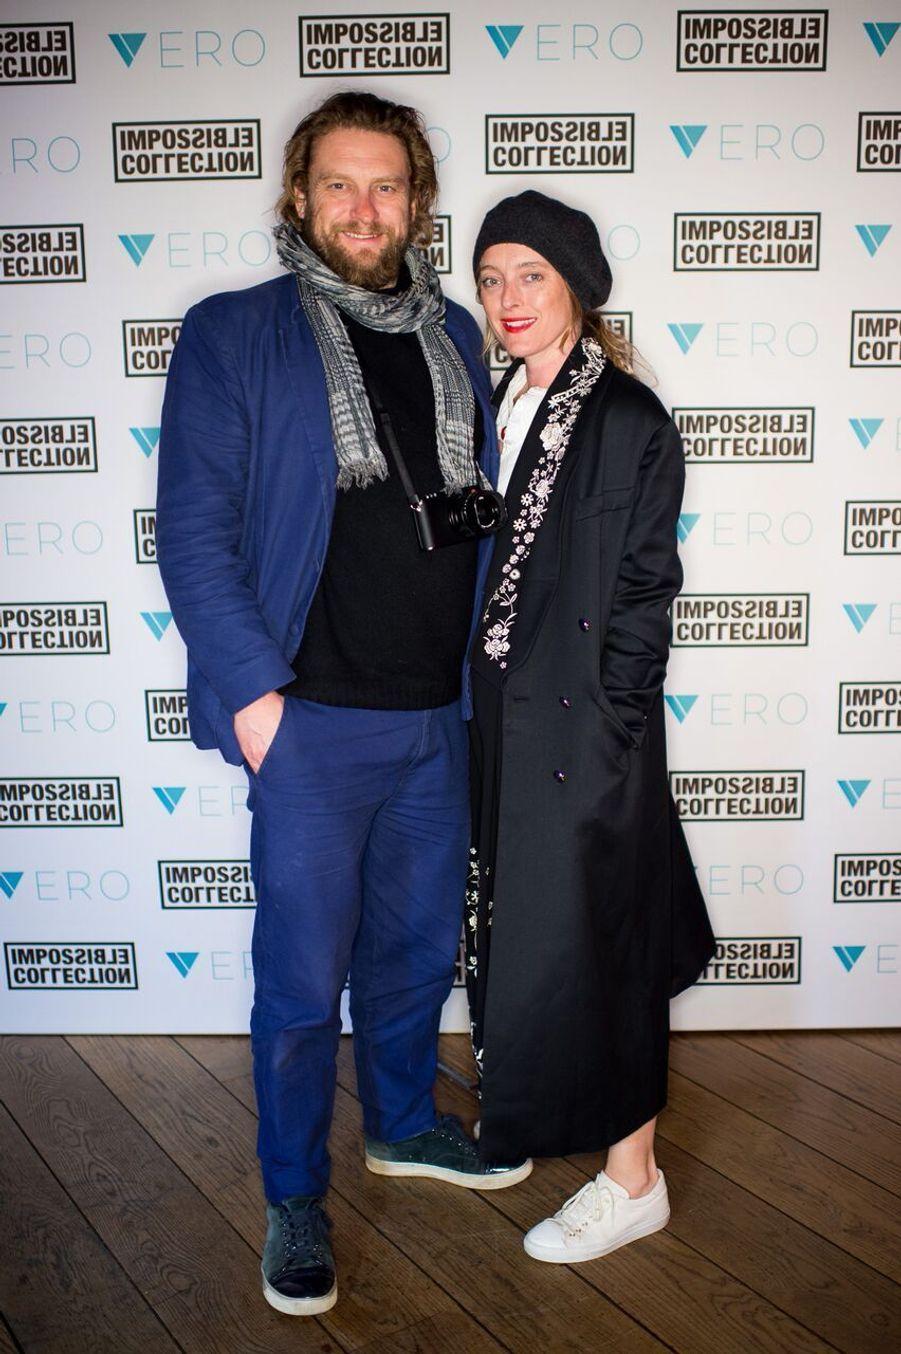 La designeuse Alice Temperley et son compagnon le photographe Greg Williams.